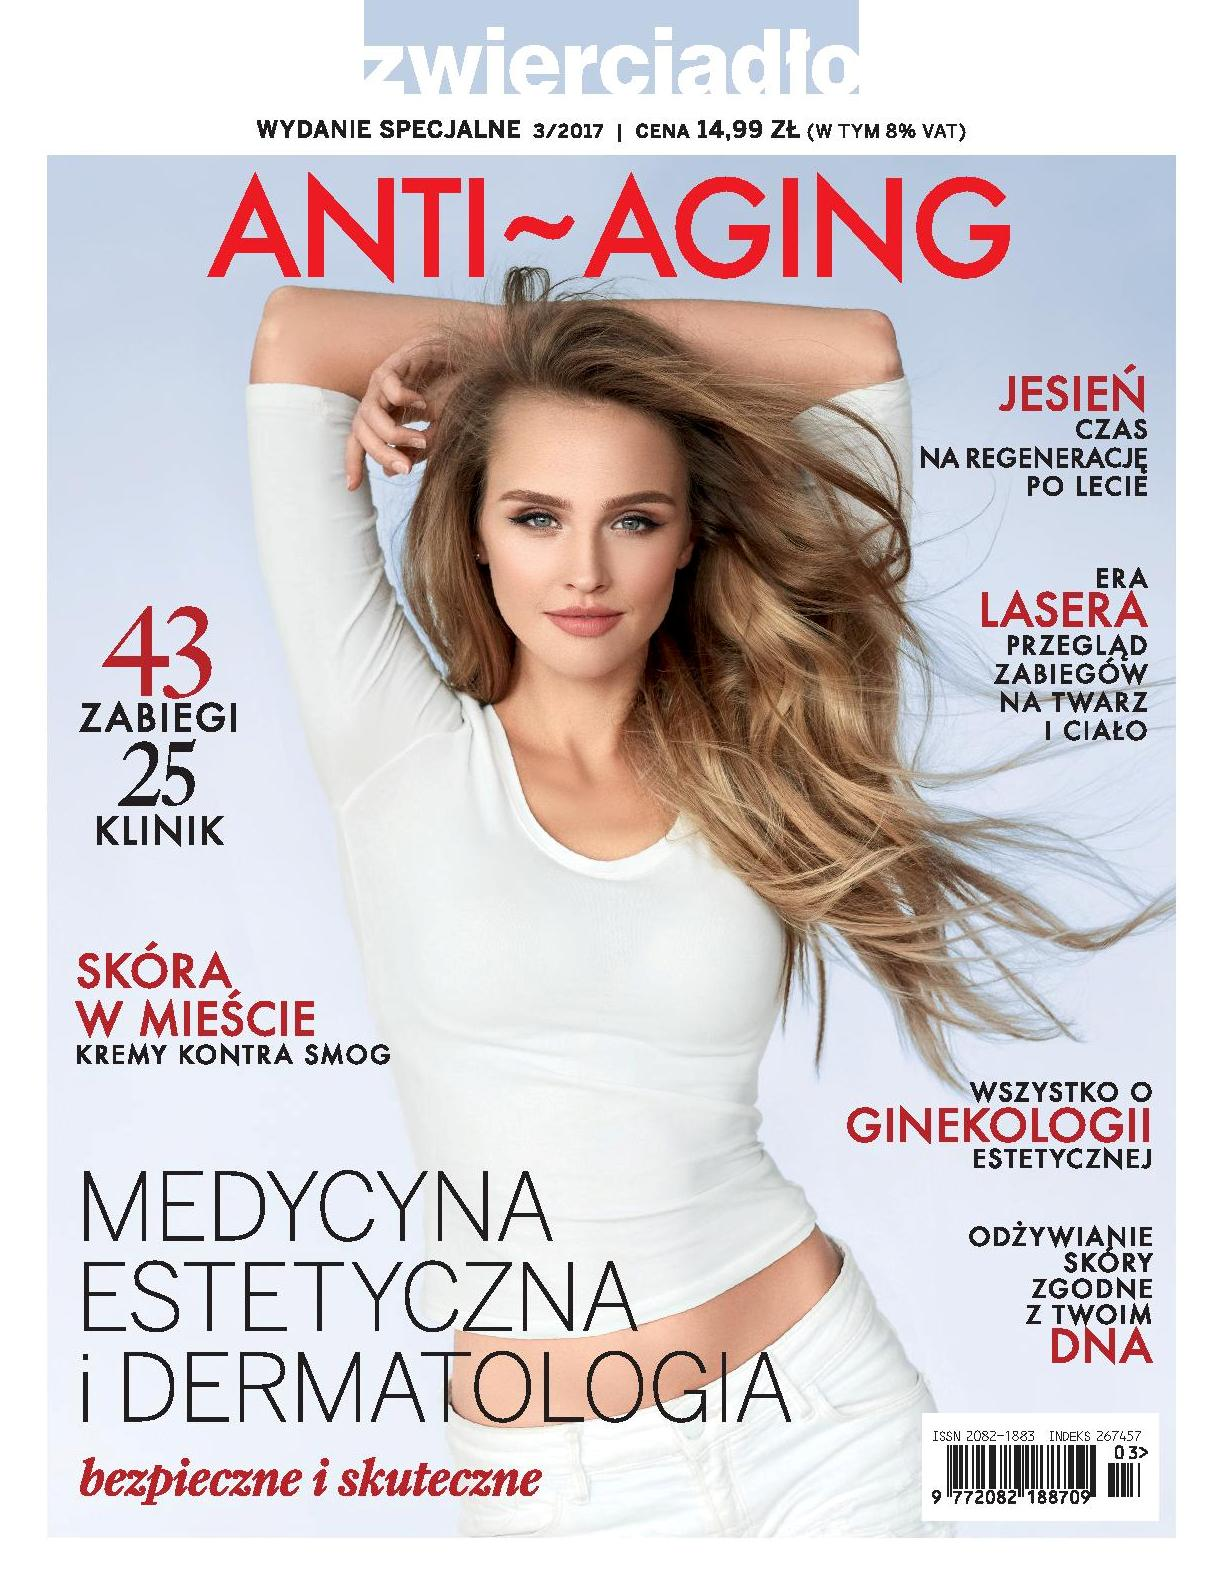 """""""Anti Aging"""" – wydanie specjalne miesięcznika """"Zwierciadło"""""""